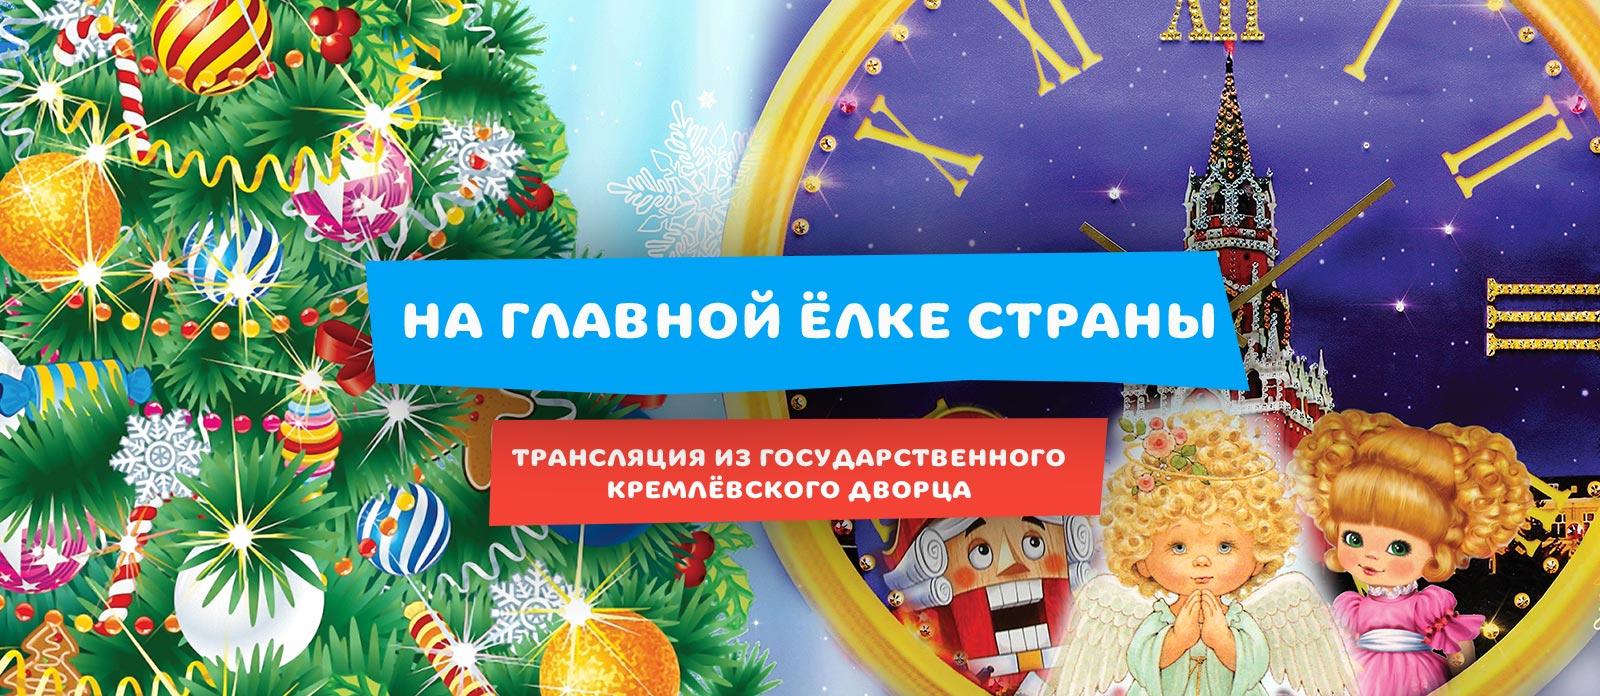 На главной Ёлке страны. Трансляция из Государственного Кремлёвского дворца